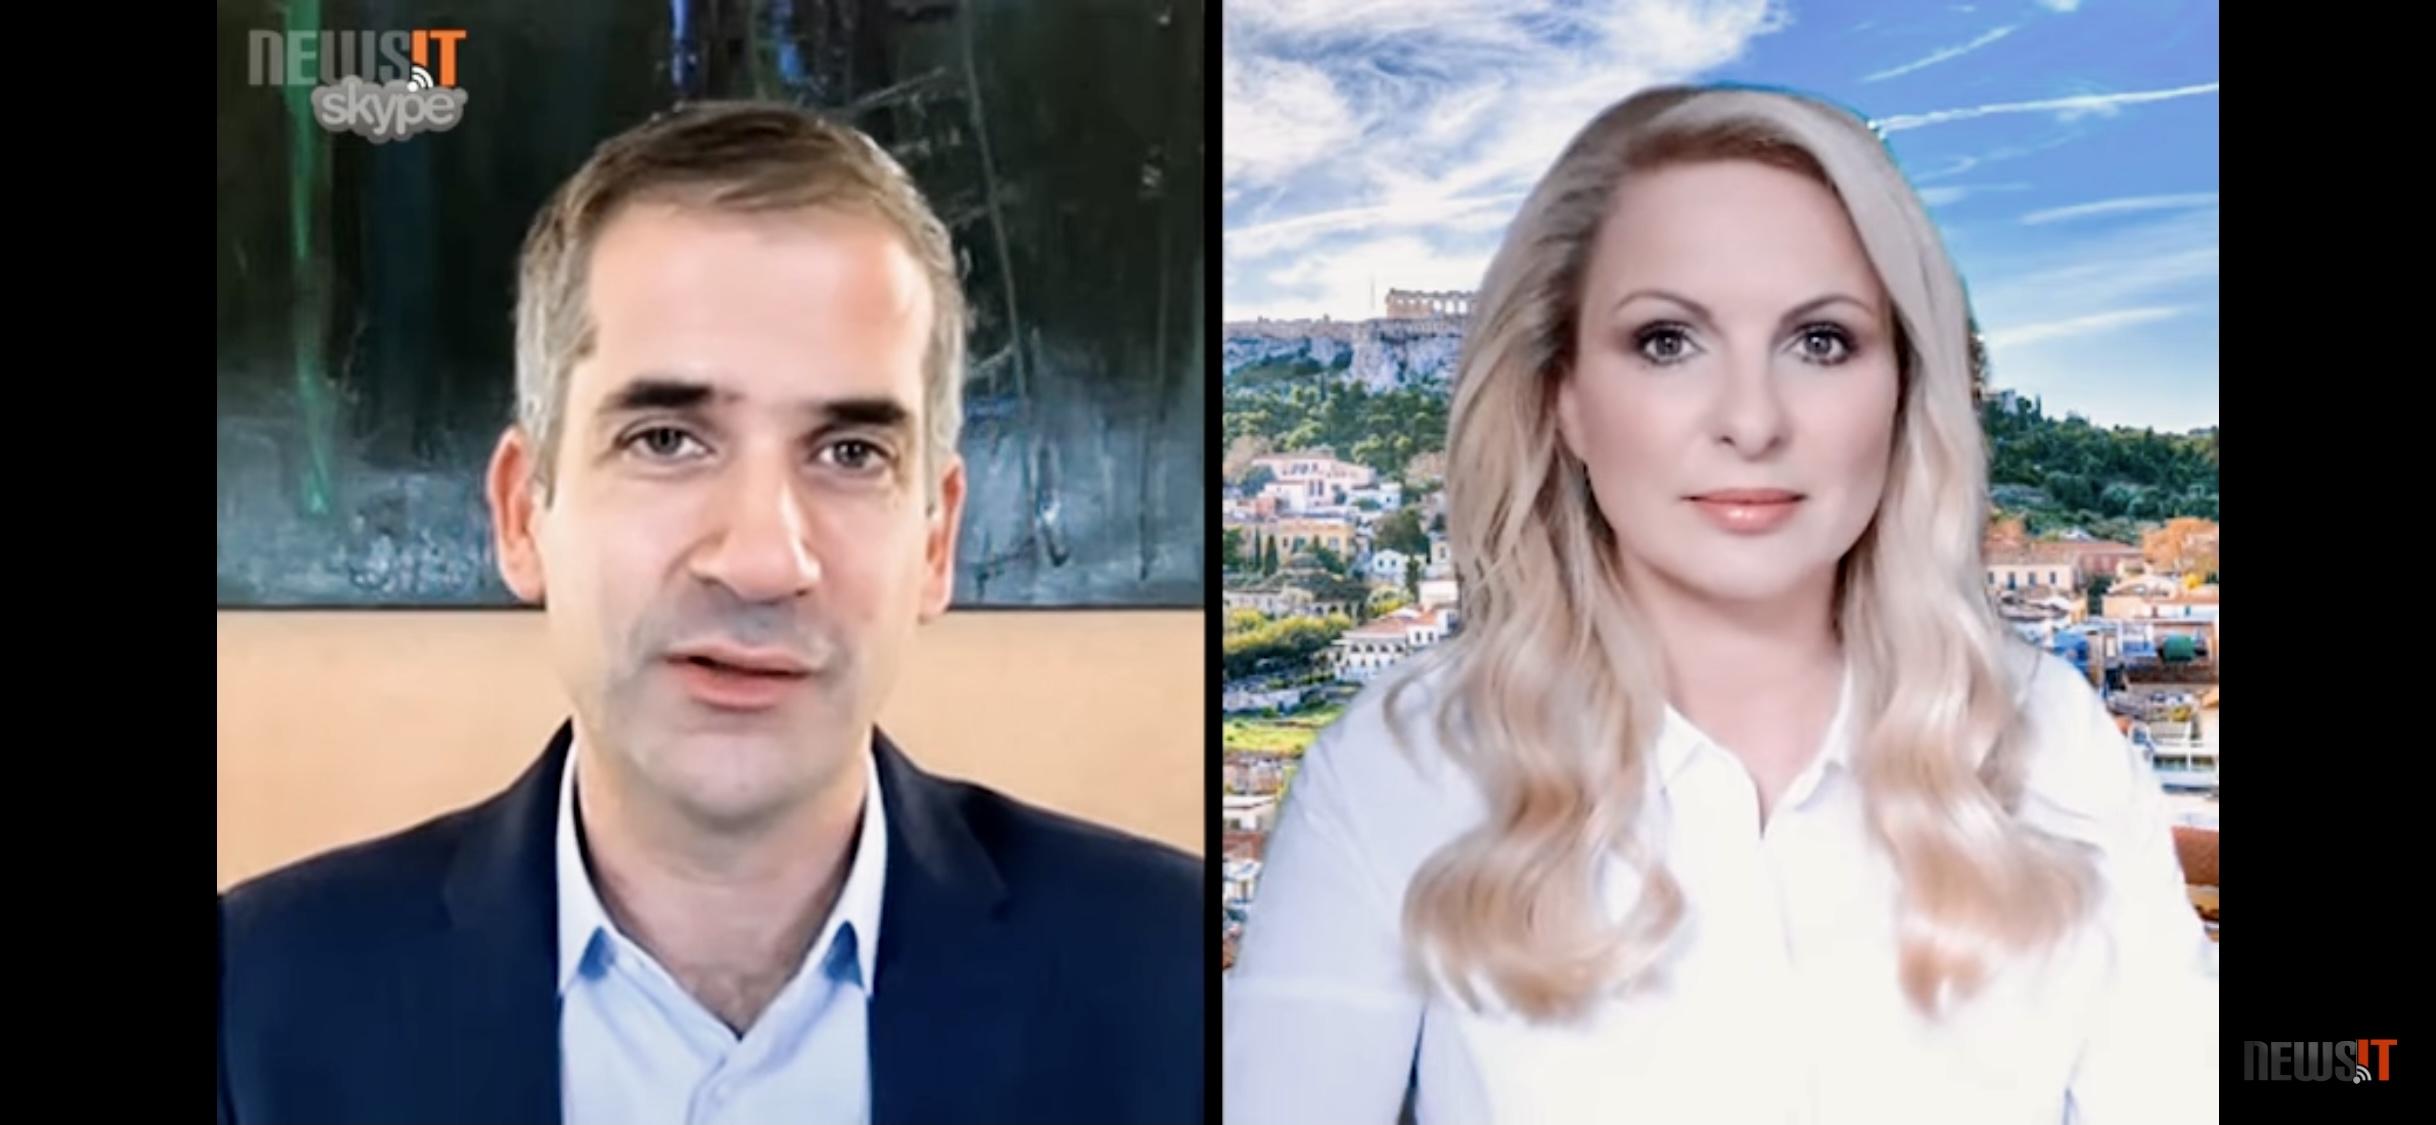 Μπακογιάννης στο newsit.gr: Οι στόχοι για το 2021, ο Μεγάλος Περίπατος και ο απολογισμός των 15 μηνών